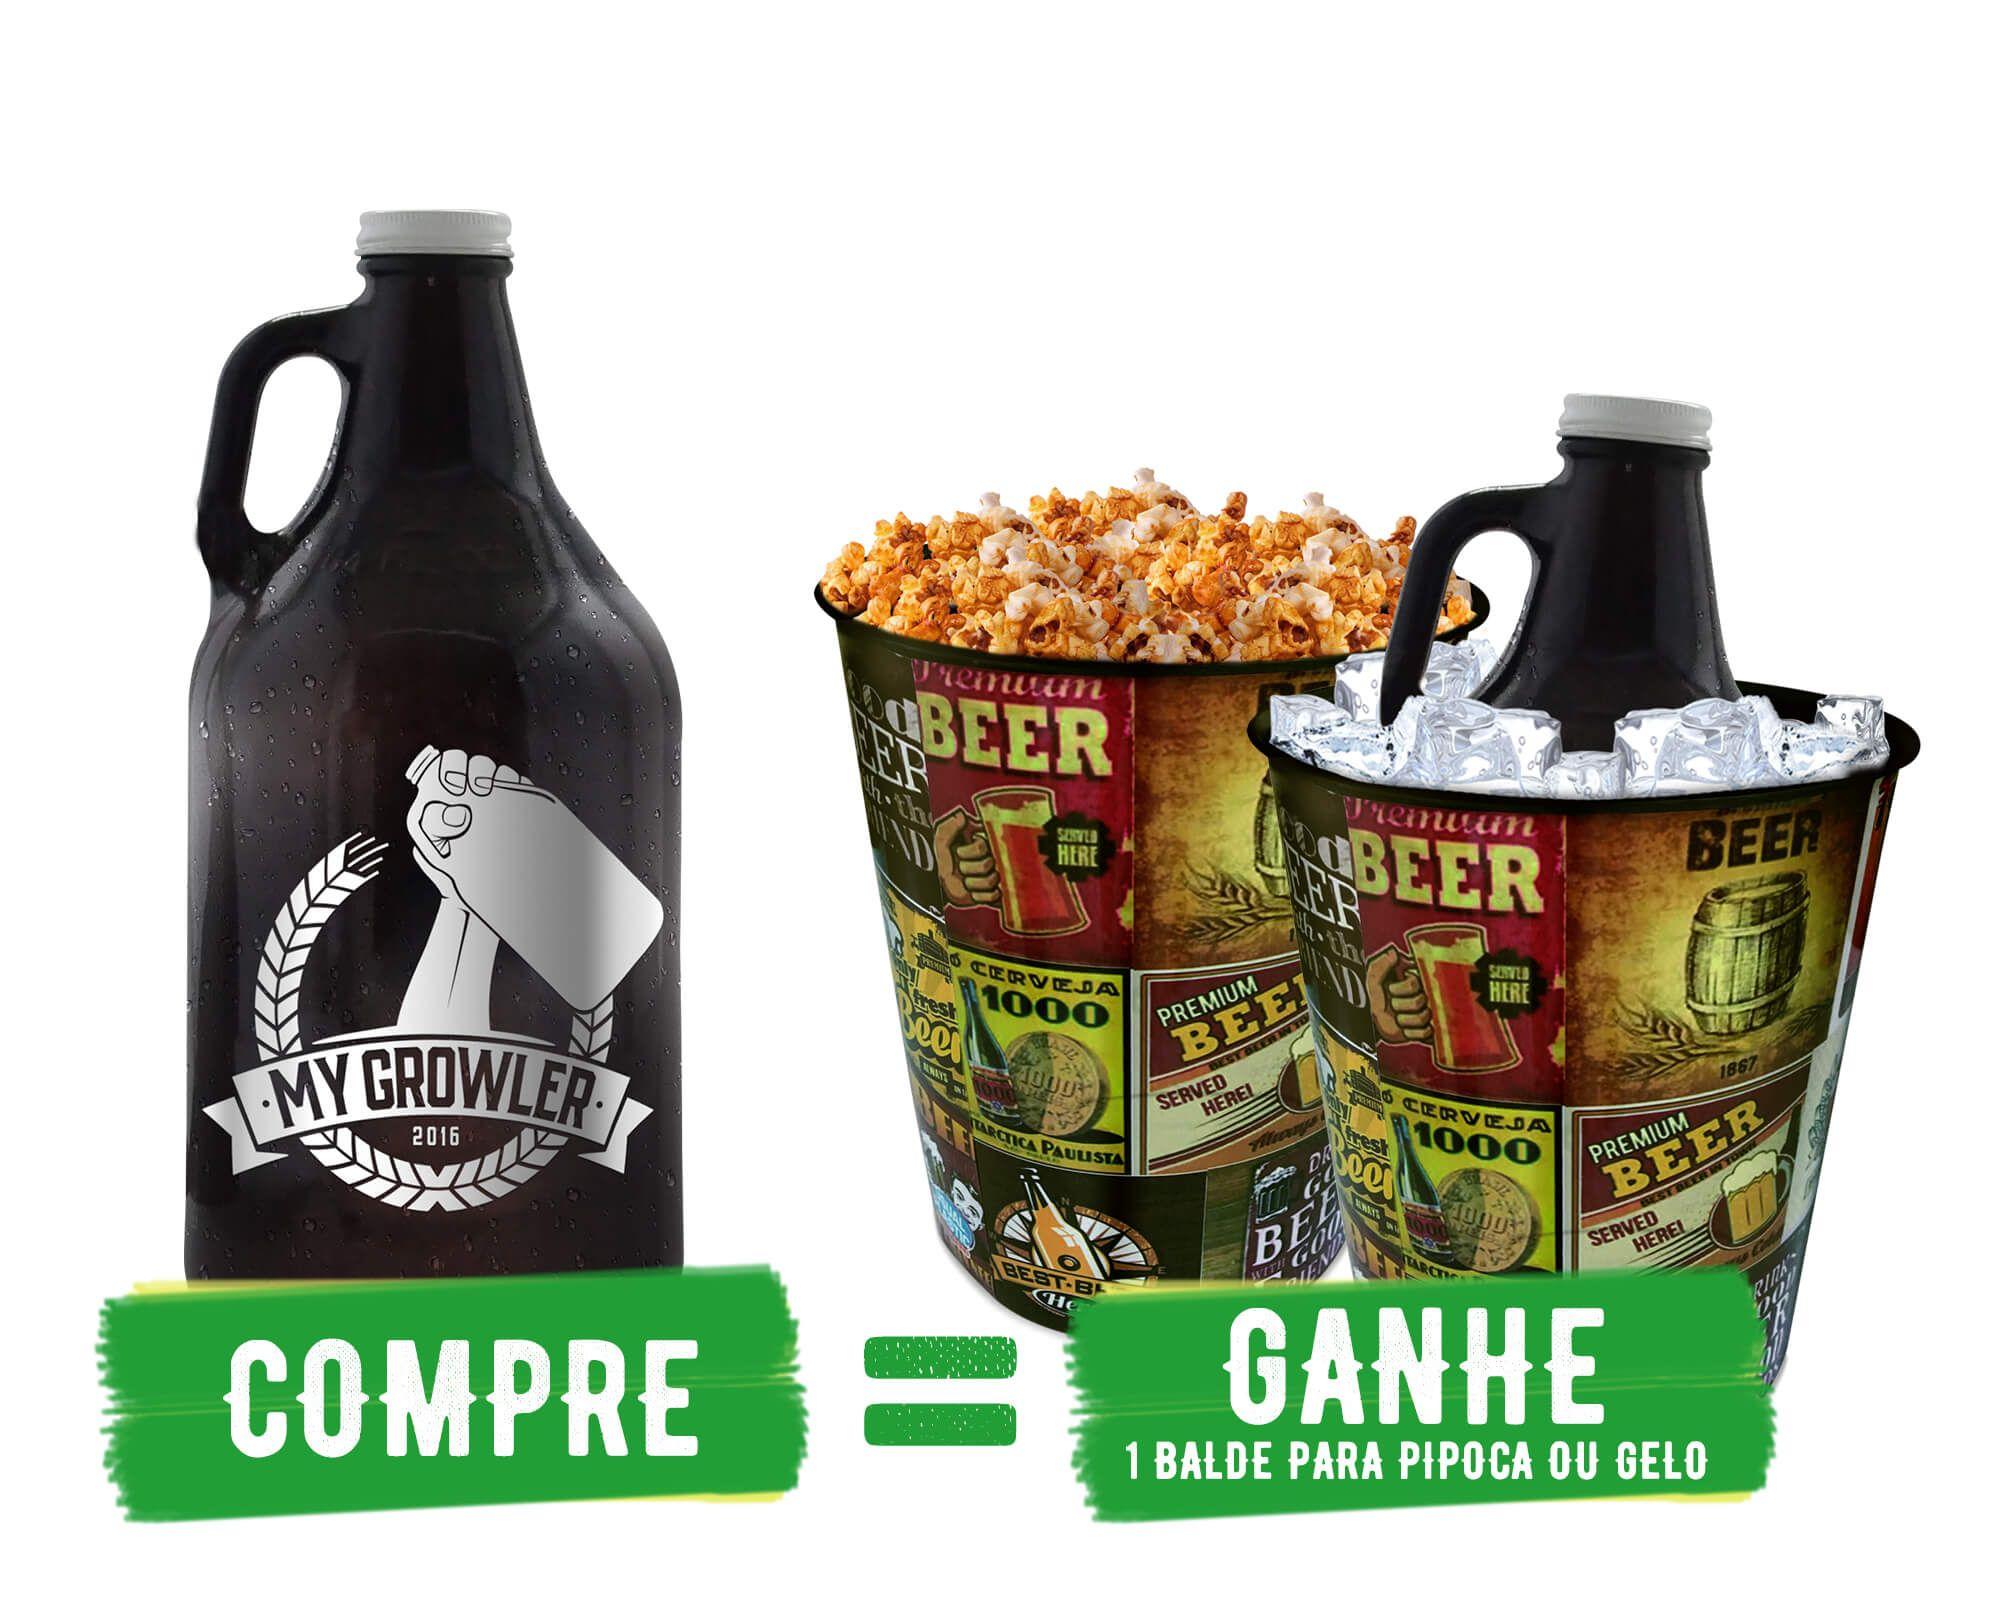 COMPRE E GANHE: GROWLER AMERICANO + BALDE PARA GELO/PIPOCA